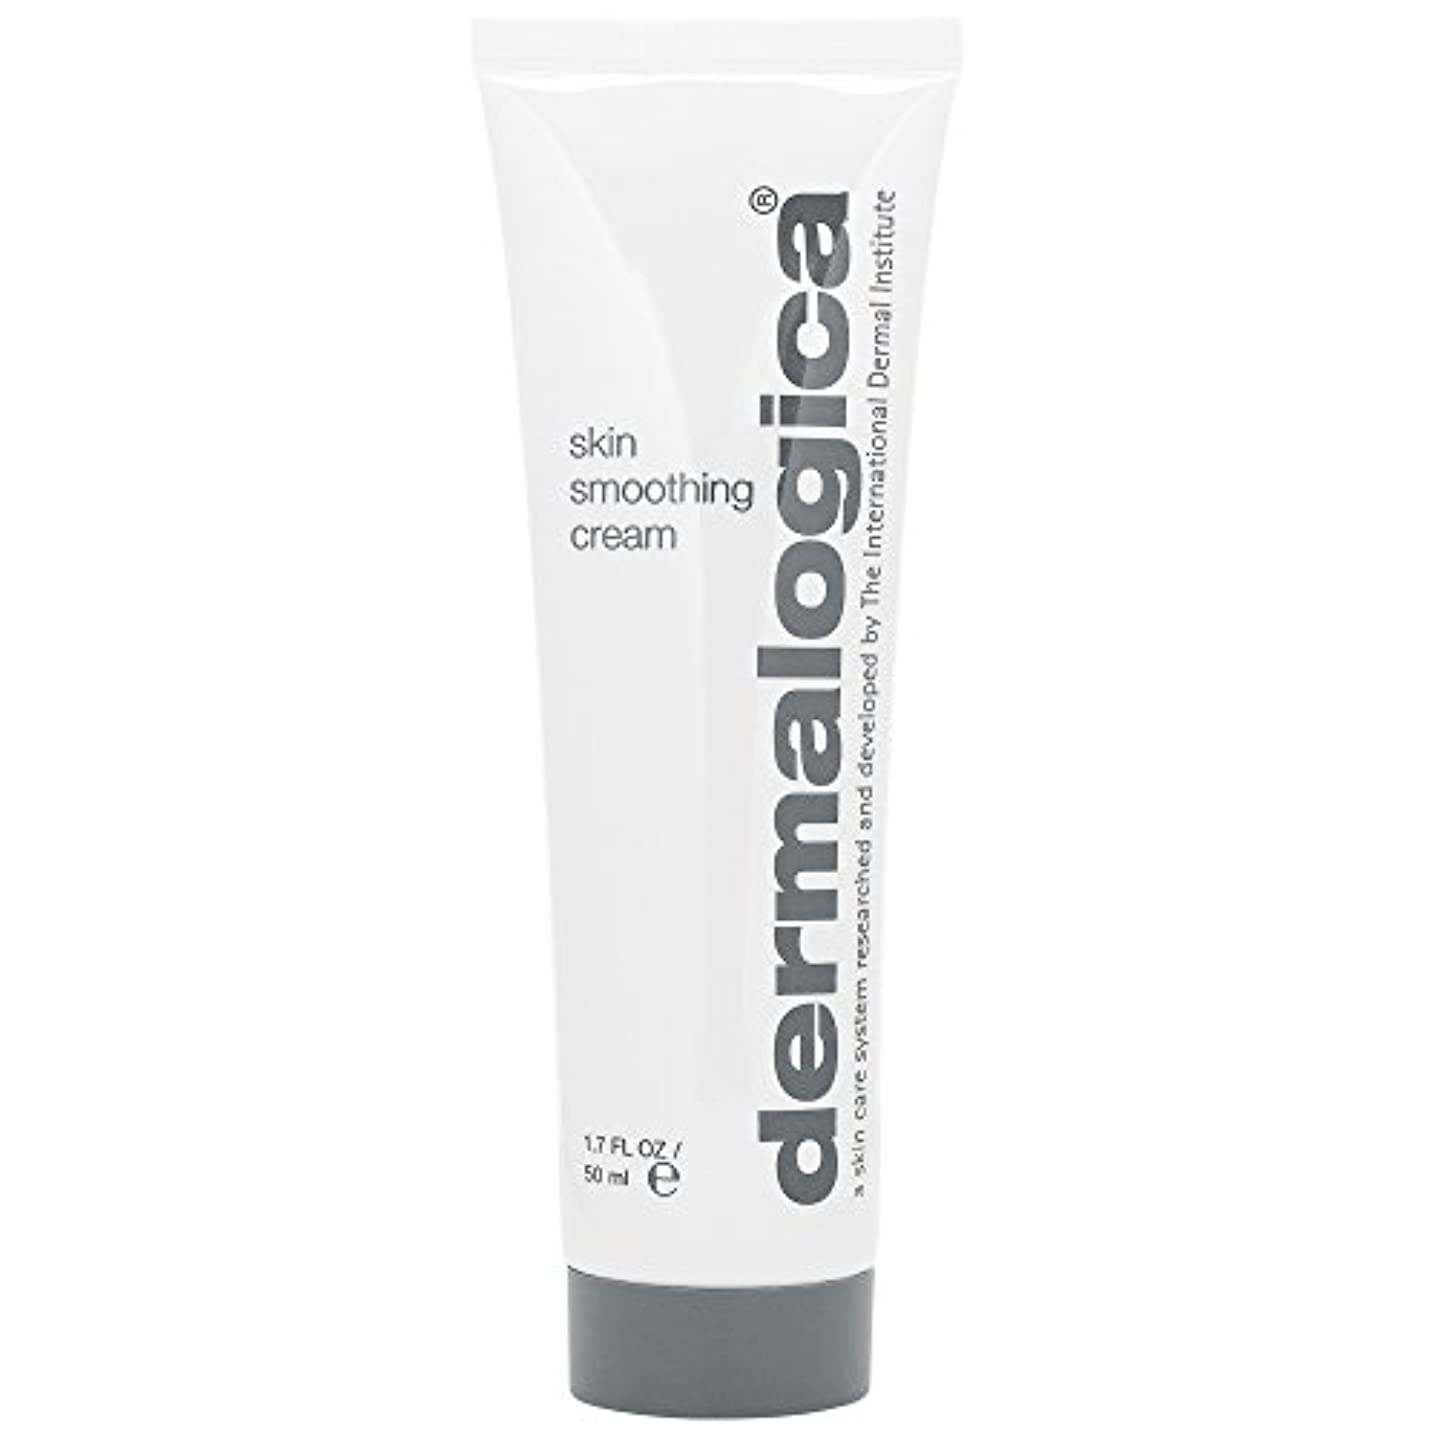 ではごきげんよう過剰優先ダーマロジカスキンスムージングクリーム50ミリリットル (Dermalogica) - Dermalogica Skin Smoothing Cream 50ml [並行輸入品]